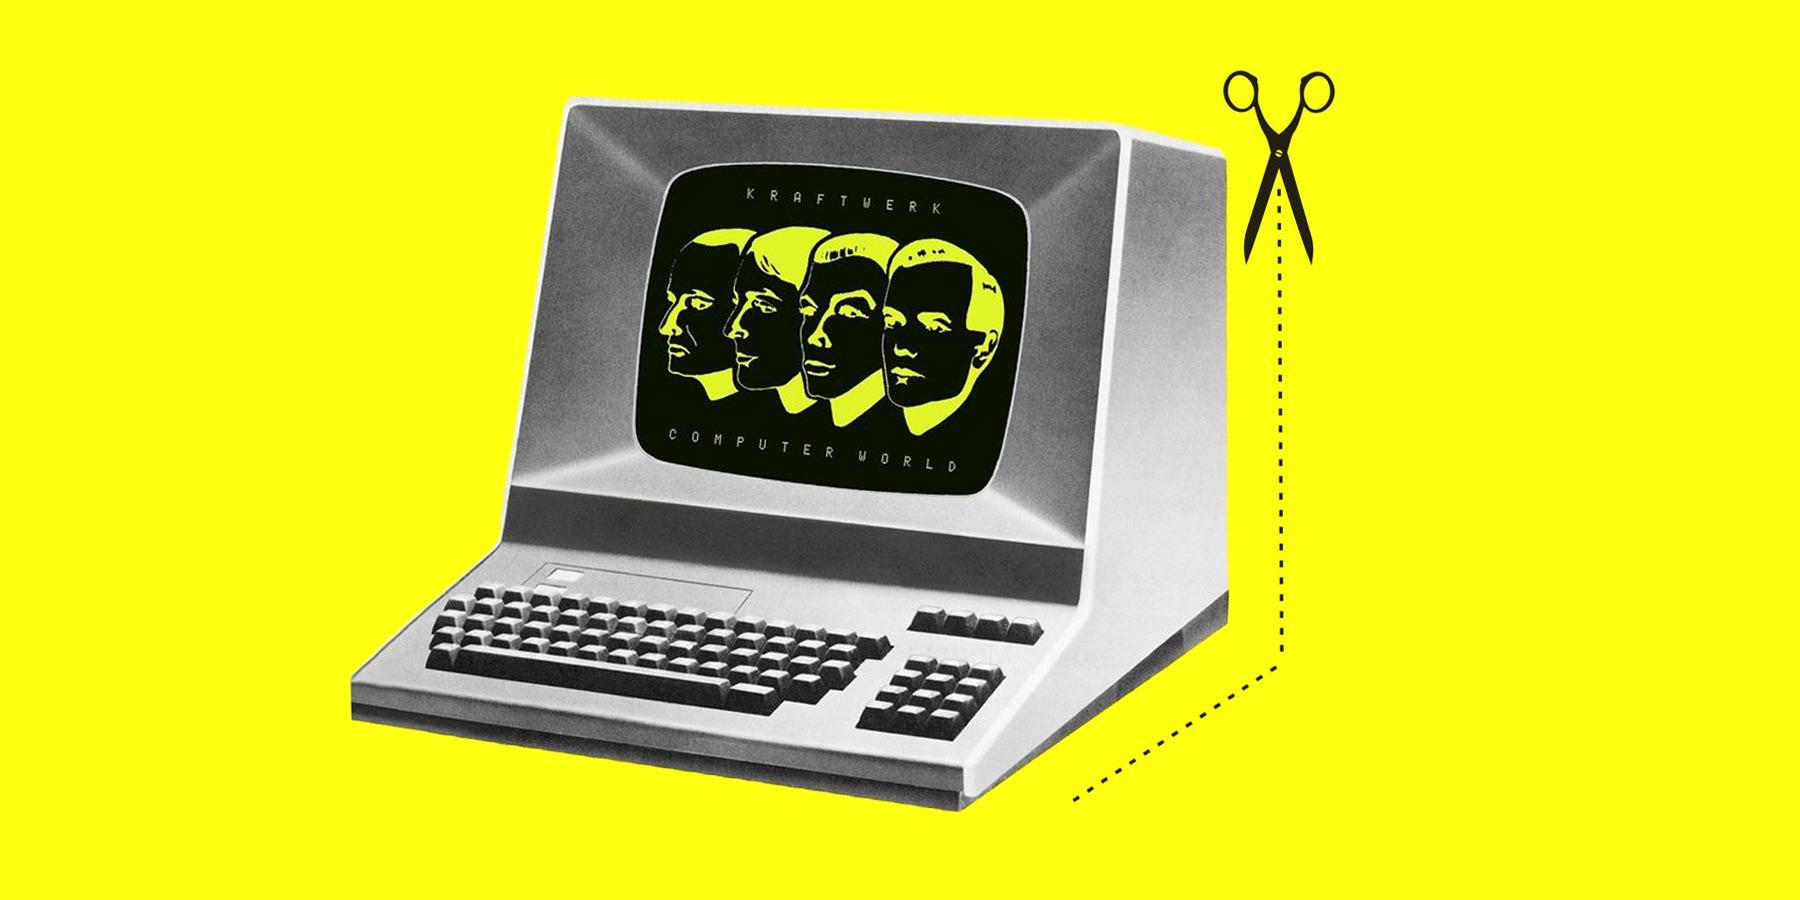 Kraftwerk - Tour De France = El Baile De La Escoba (Version Remezclada)